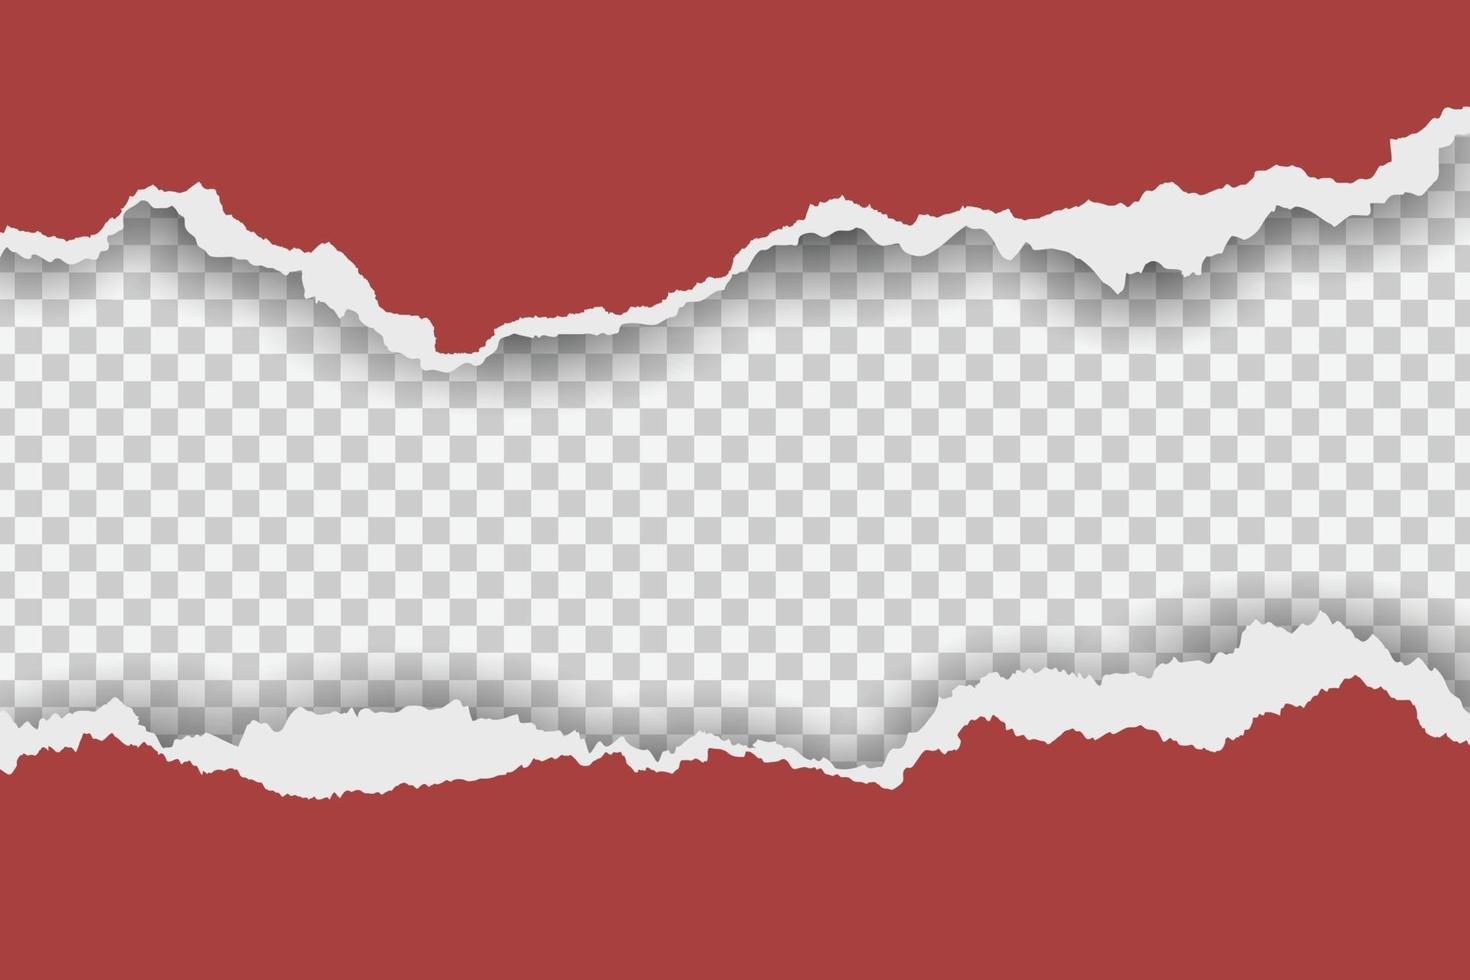 cornice di carta rossa strappata su sfondo trasparente vettore